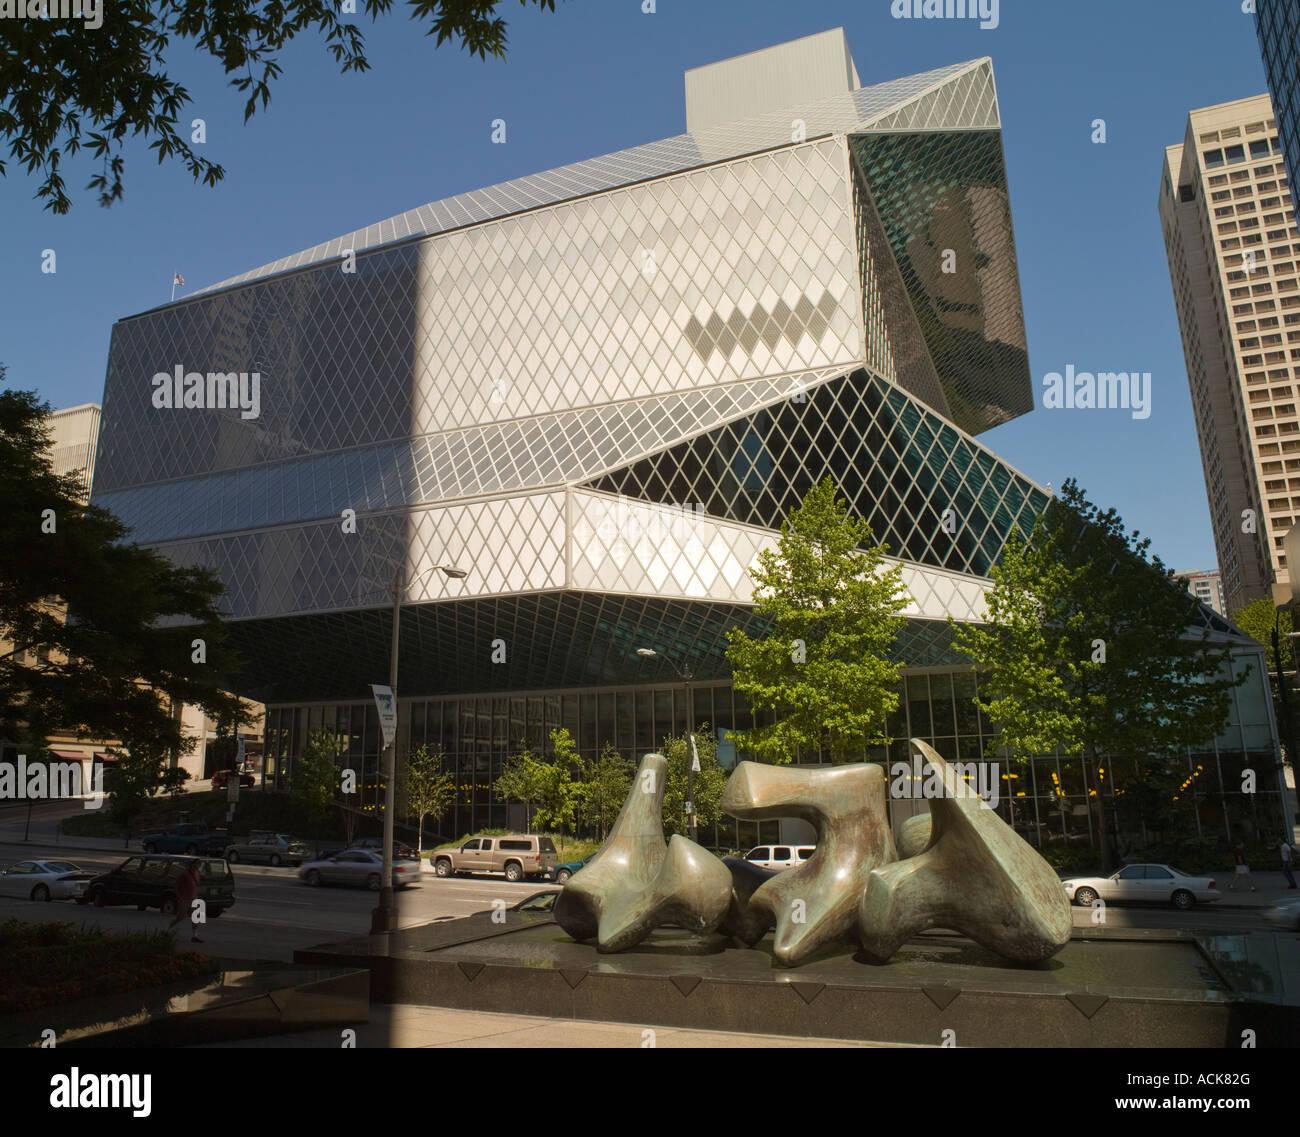 Seattle Public Library, Washington State, USA - Stock Image